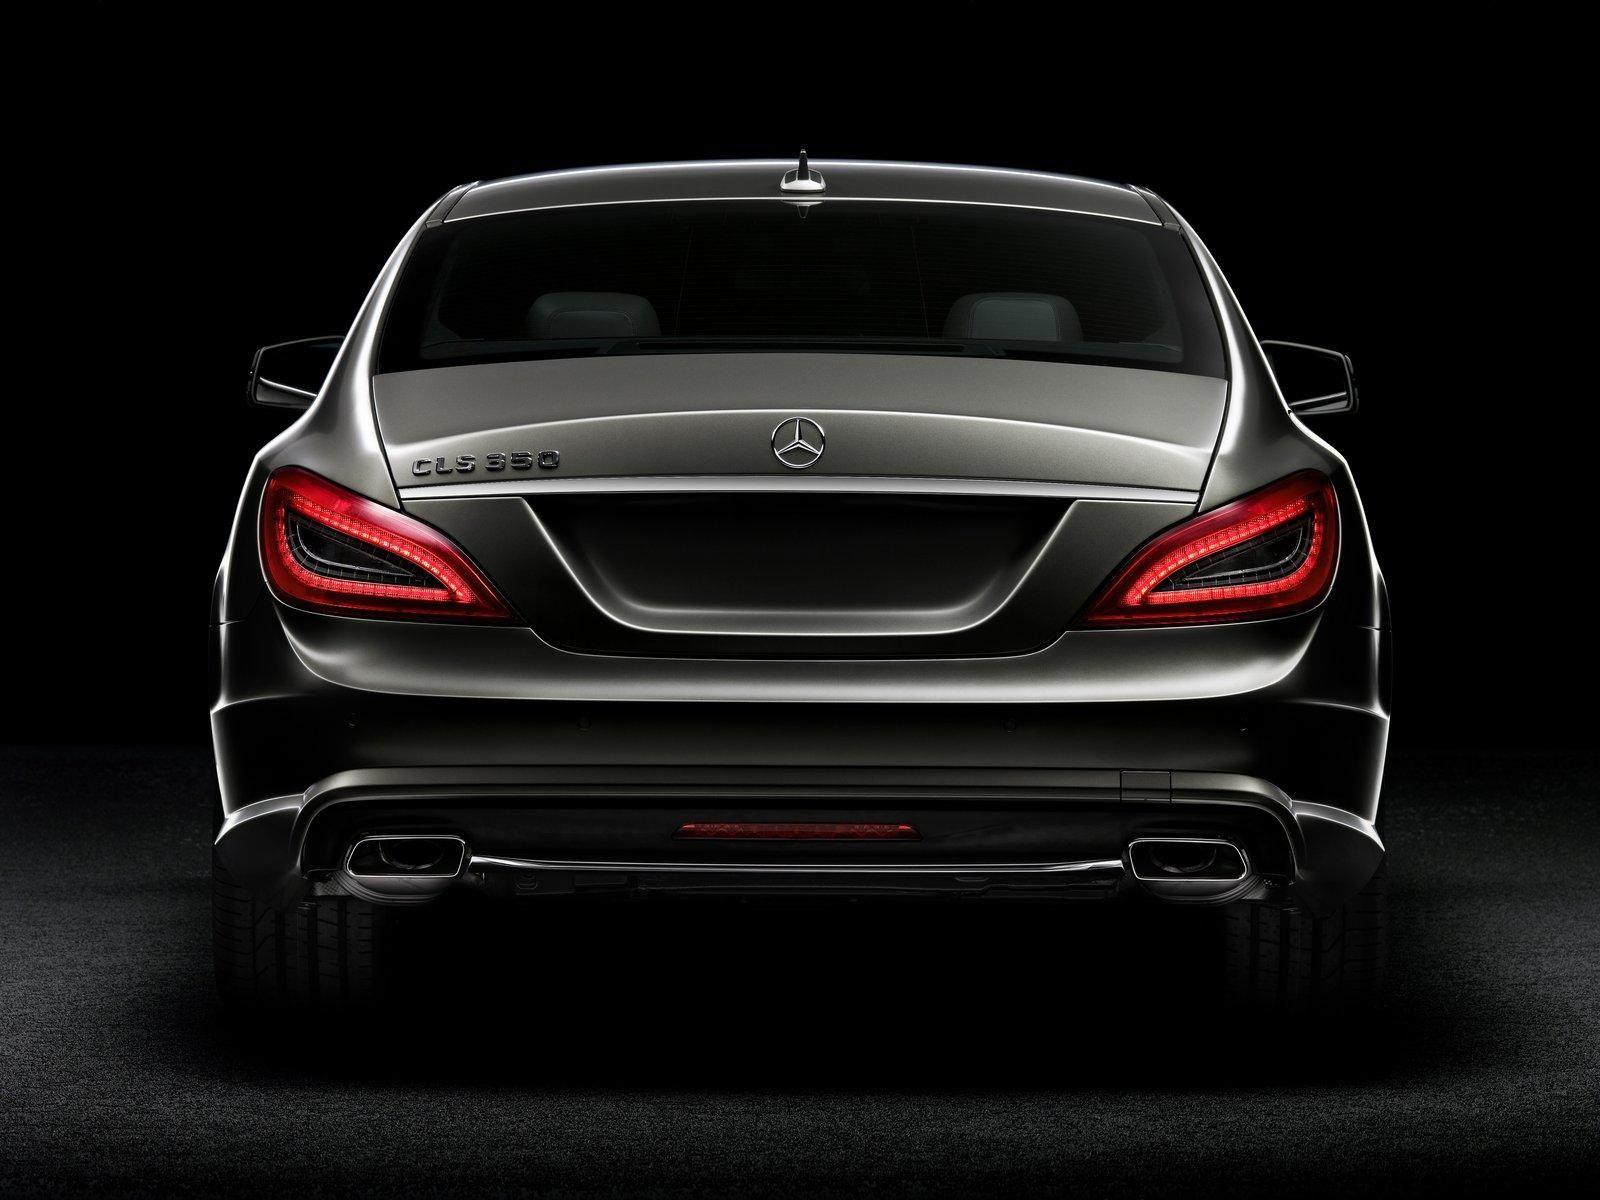 2012 Mercedes Benz CLS Class Whips Pinterest